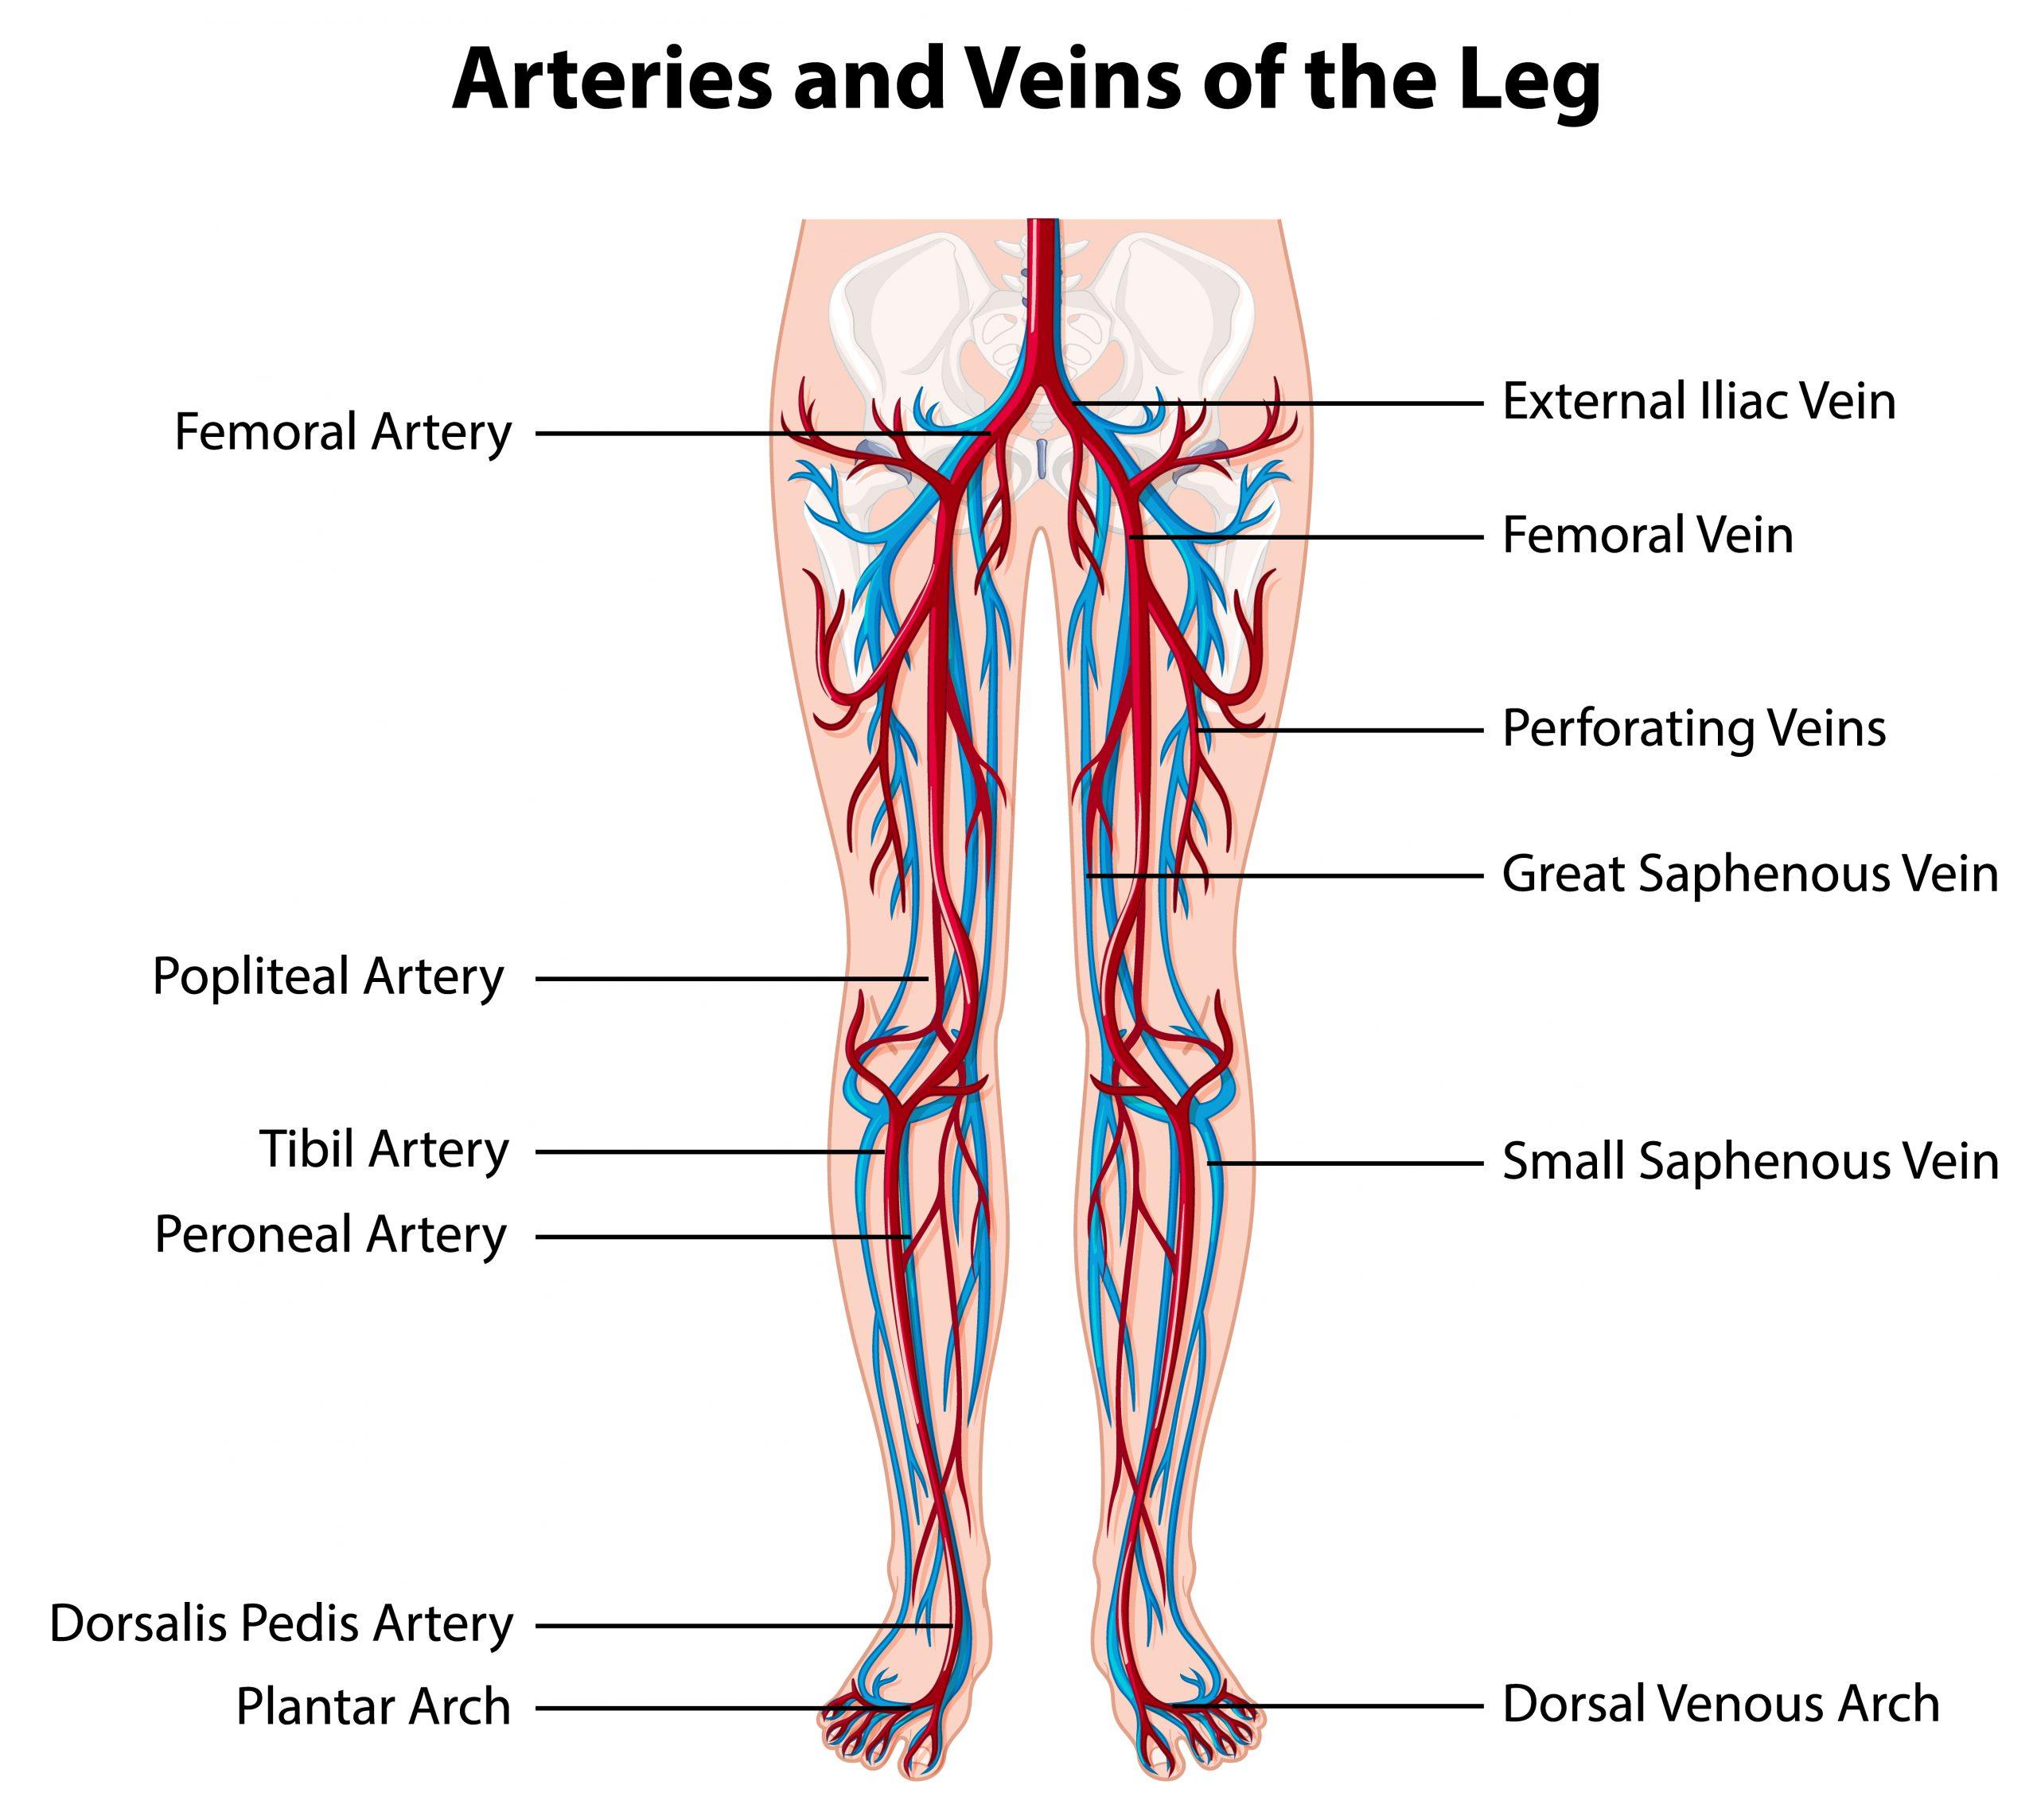 L'arteriopatia obliterante degli arti inferiori